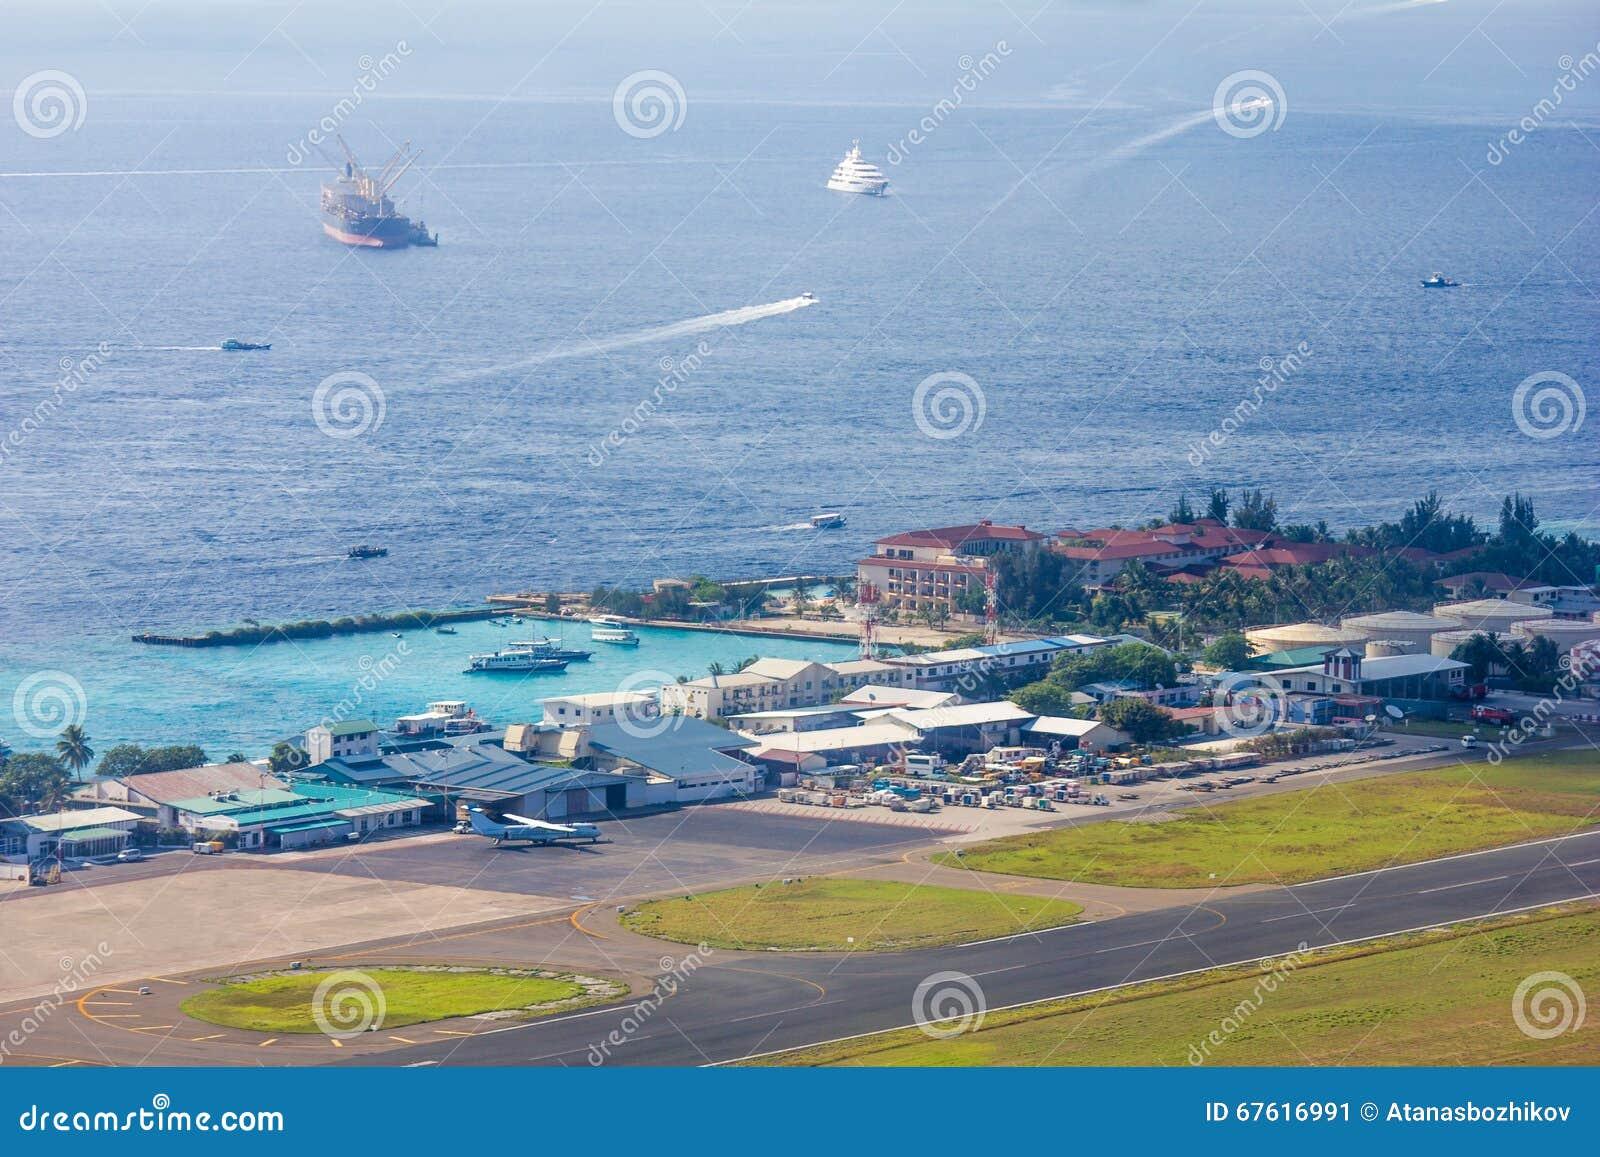 Aeroporto Male Maldive : Vista areale del maschio e dell aeroporto del trasporto abitante